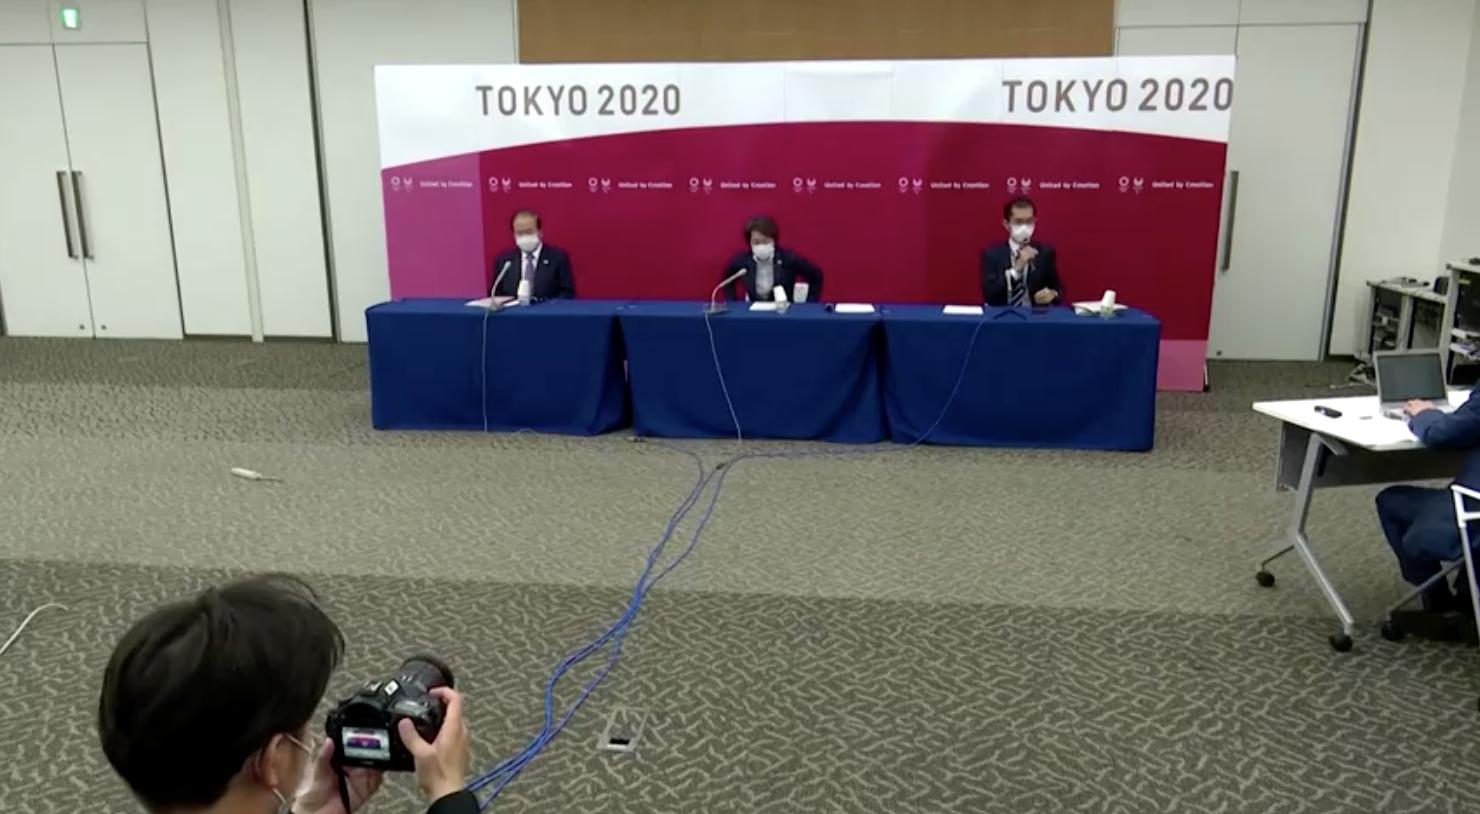 Khán giả quốc tế bị cấm tham dự Thế vận hội ở Nhật Bản